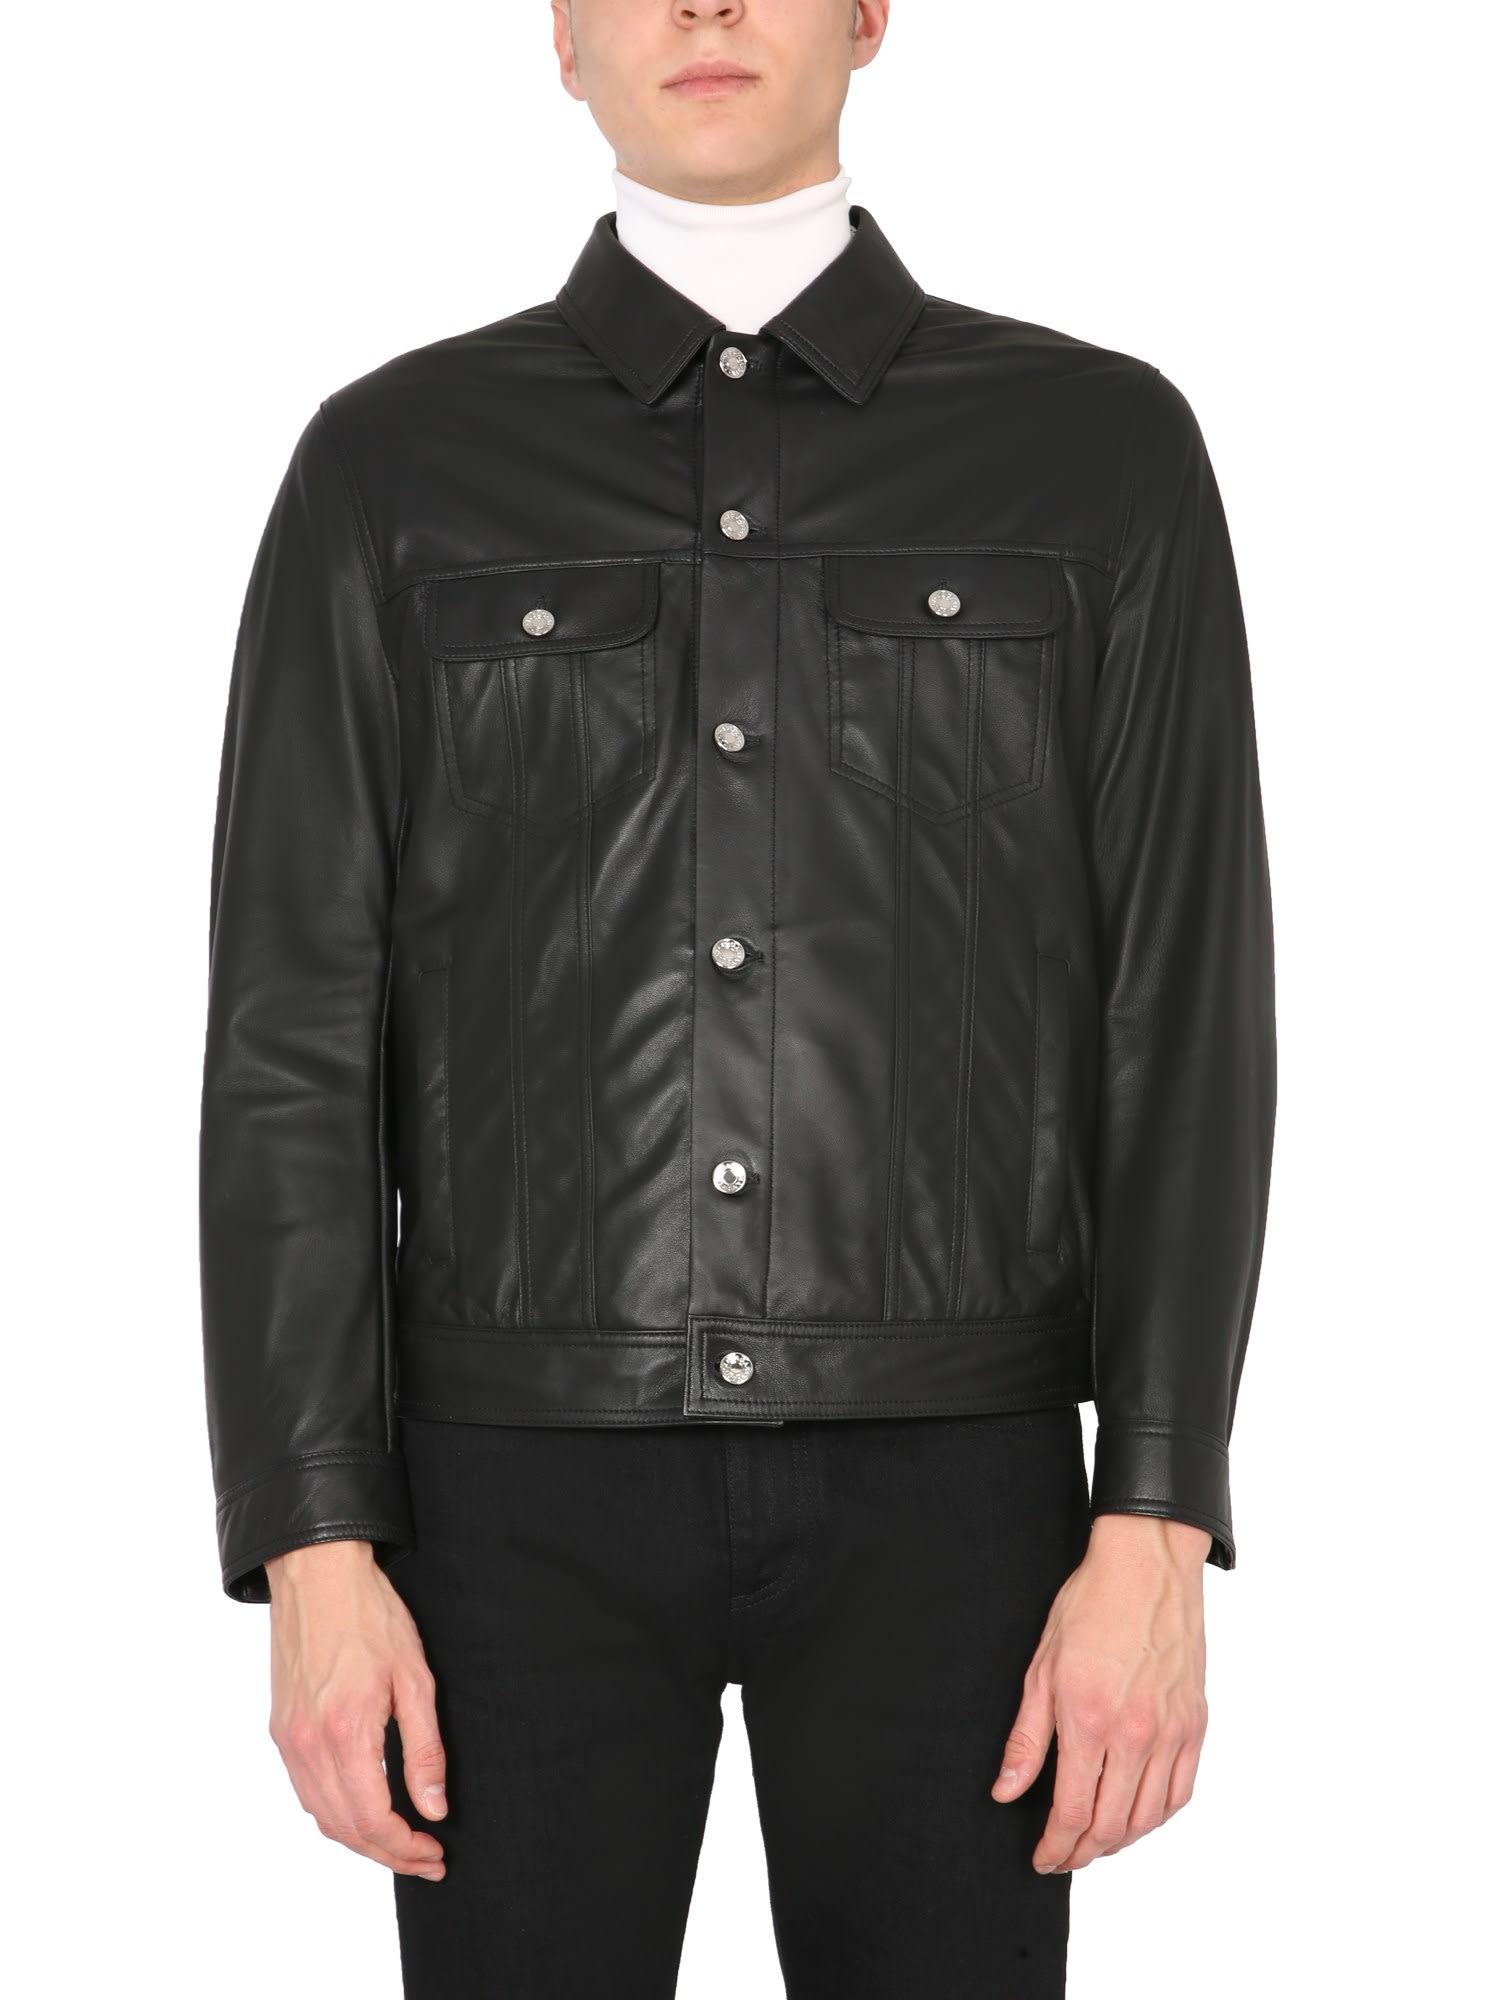 Dolce & Gabbana Leathers LEATHER JACKET